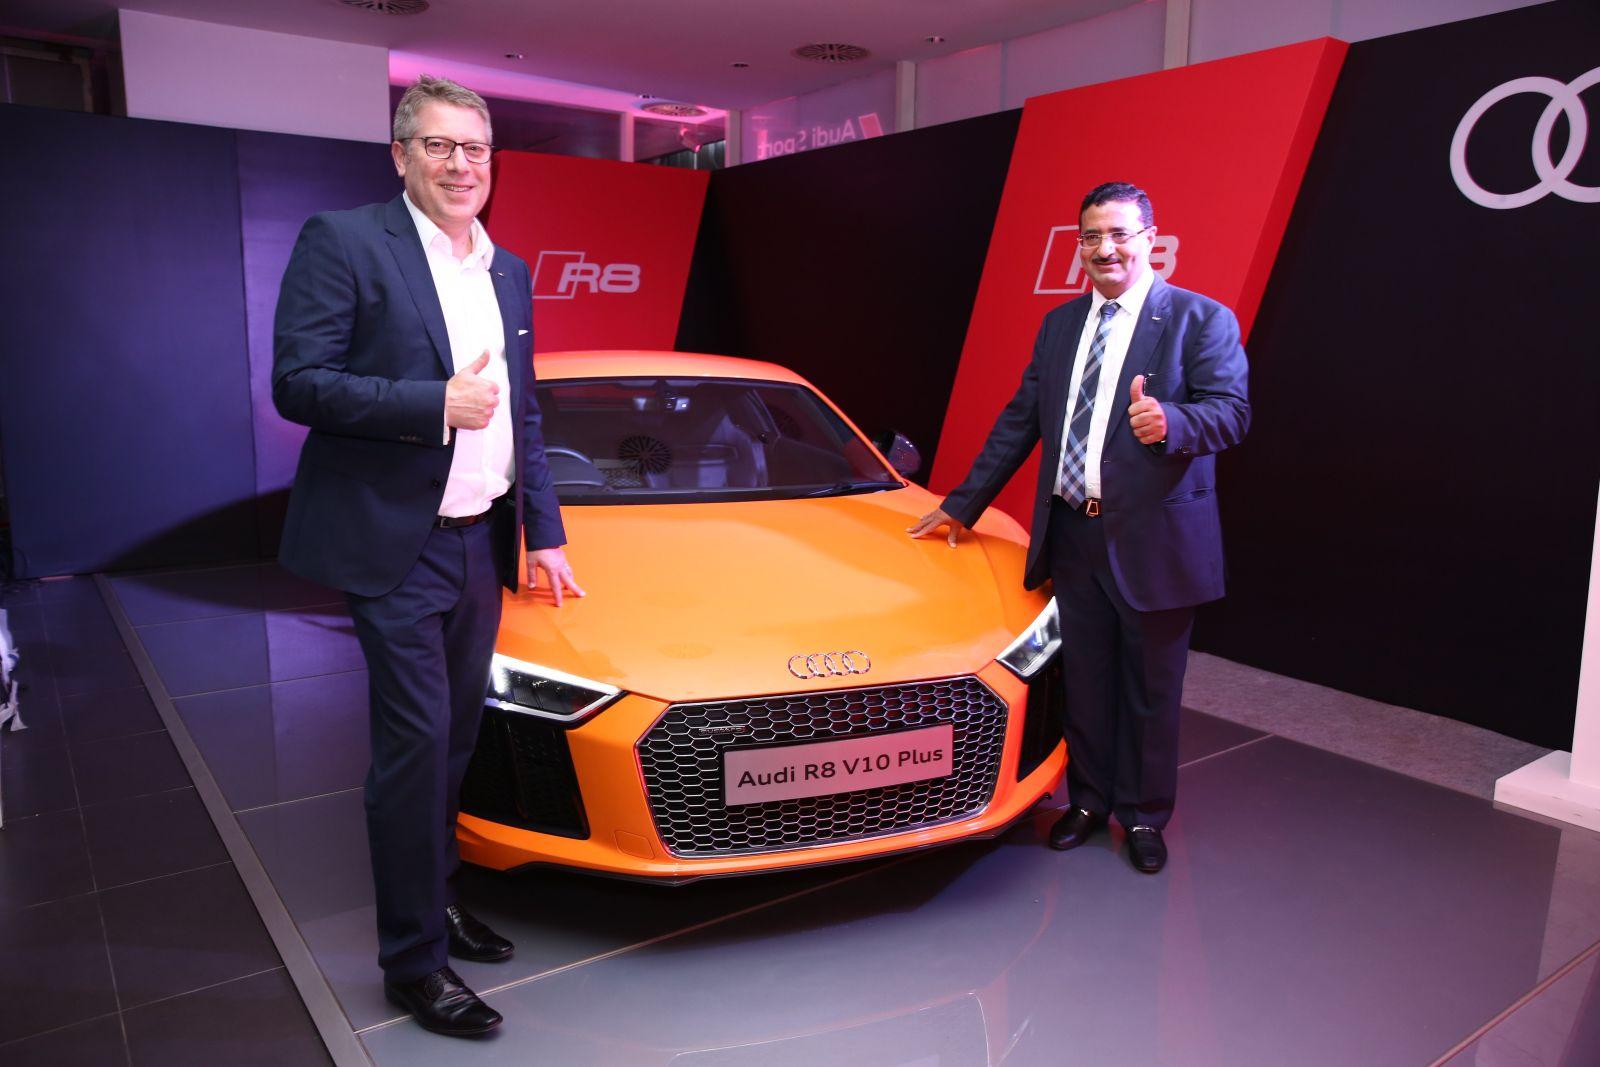 Audi Mumbai West launches the R8 V10 plus in Mumbai (2)